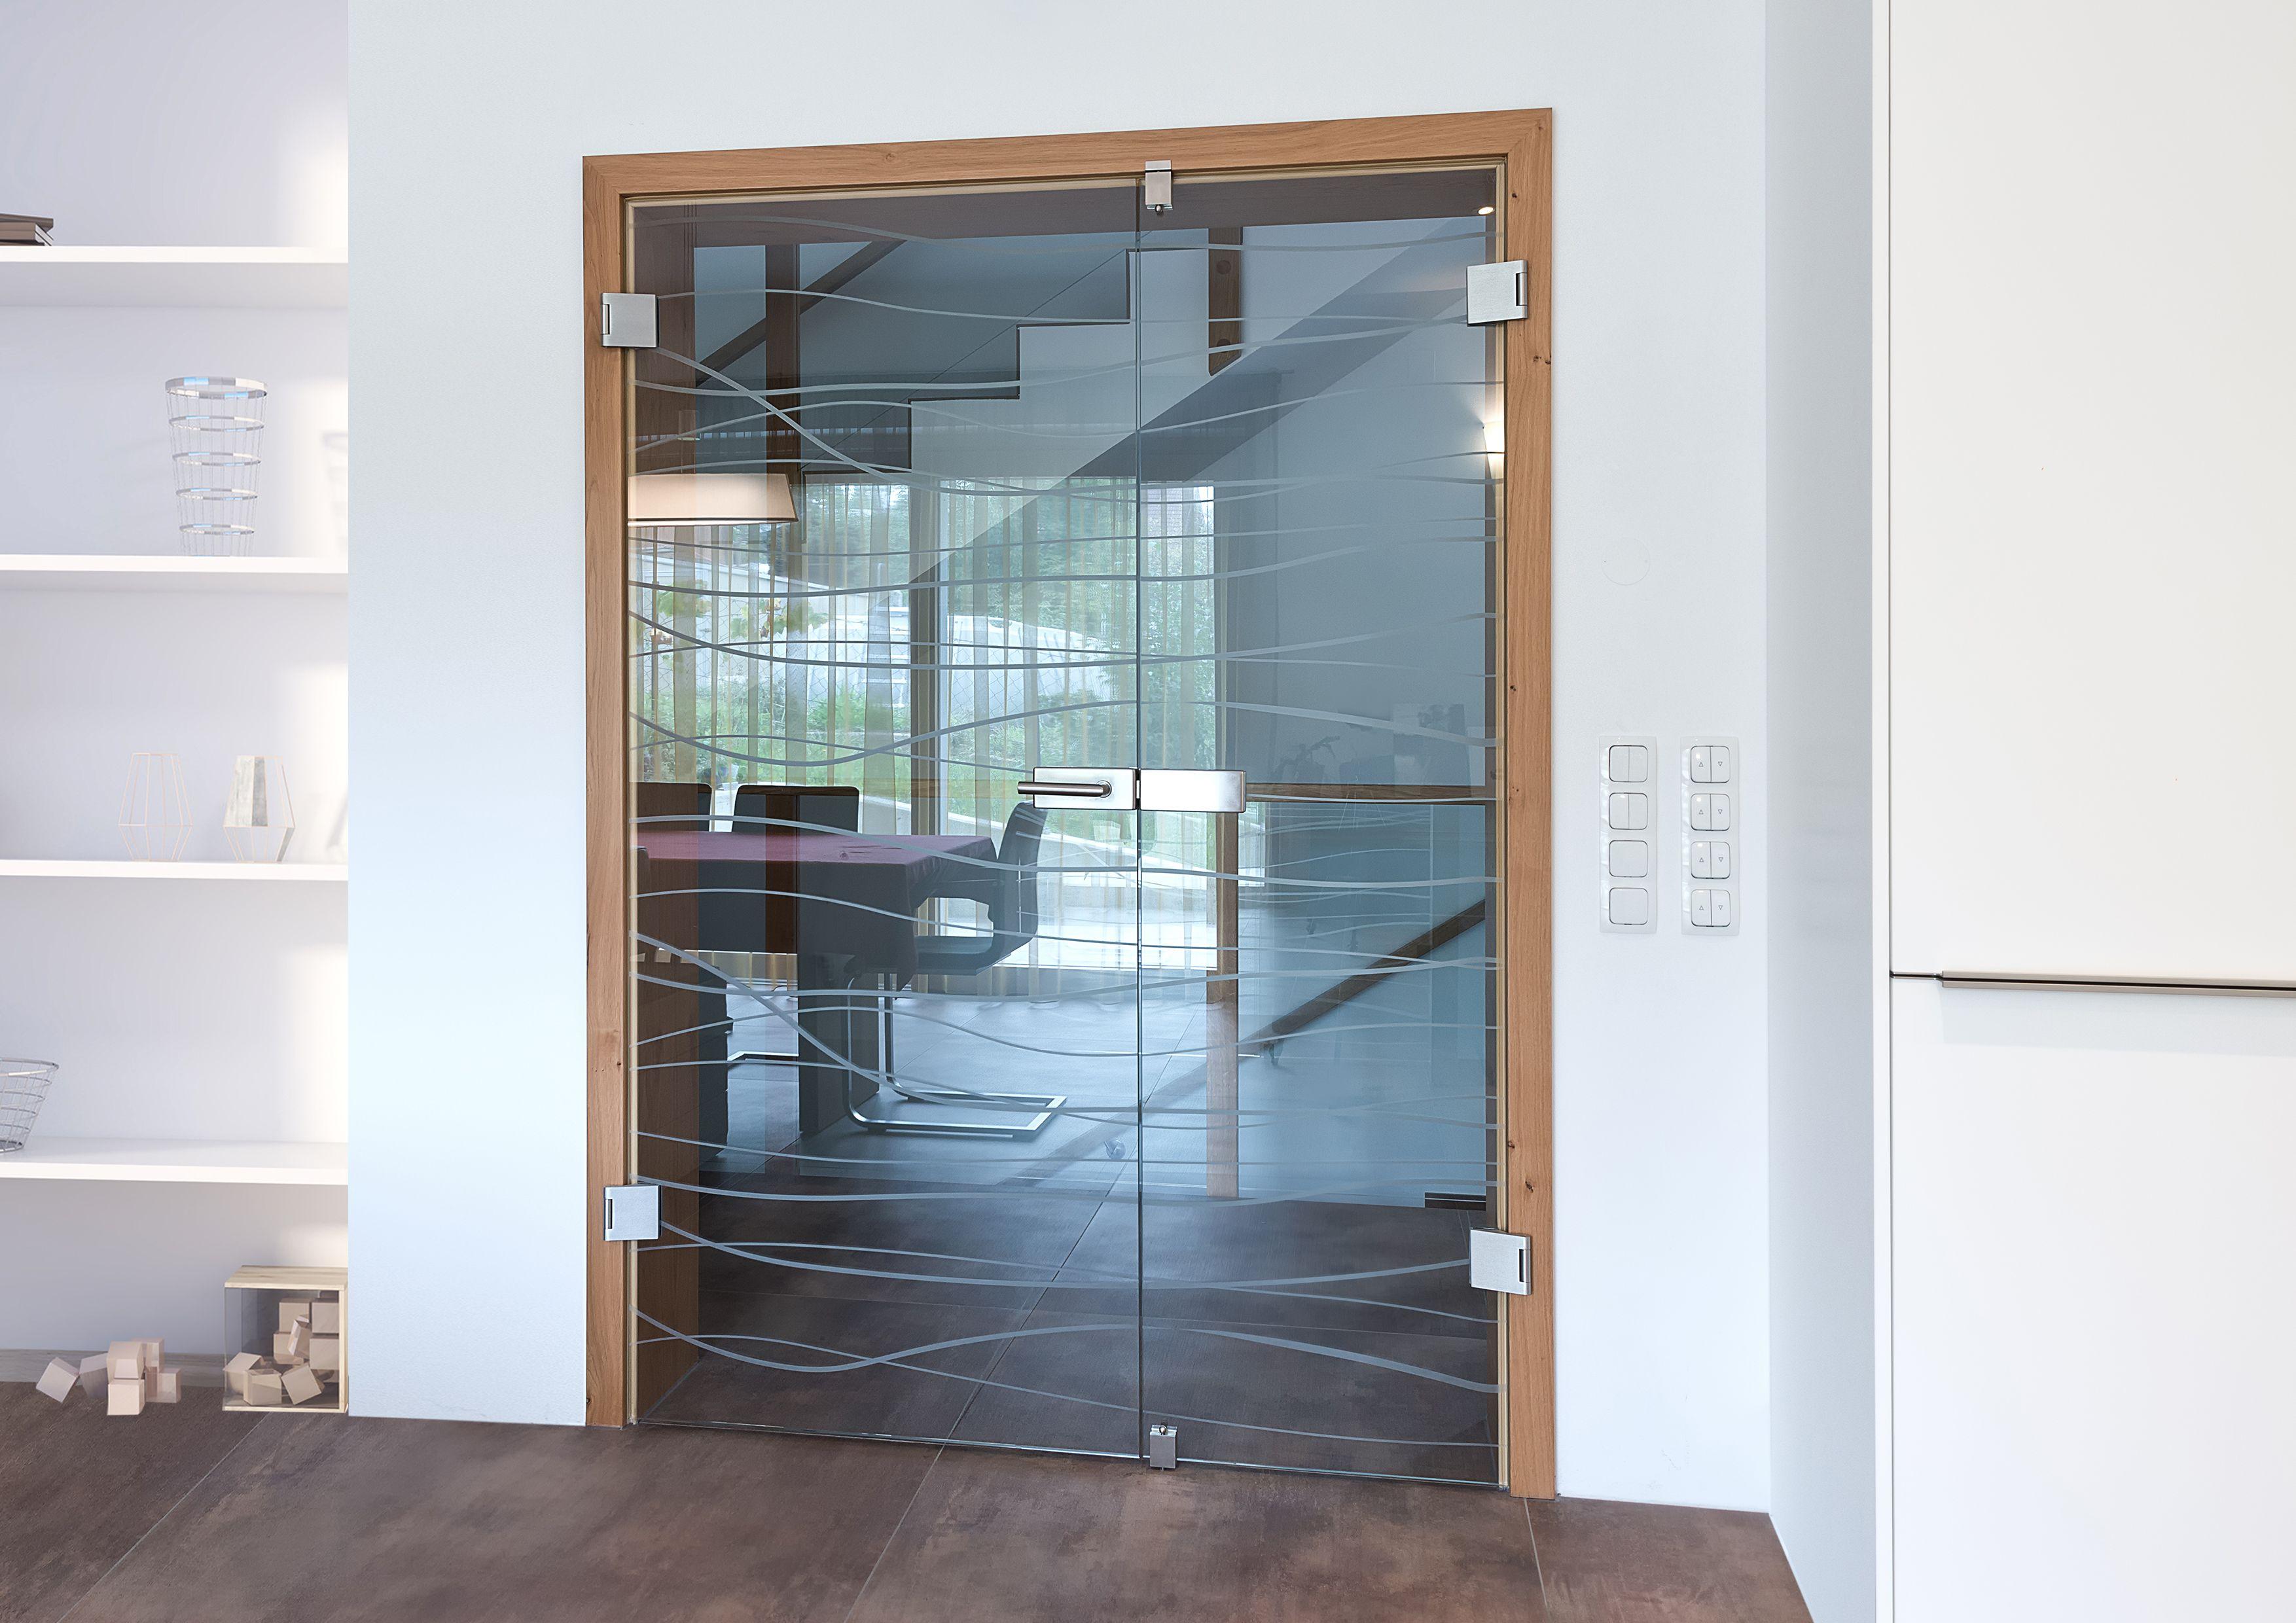 Doppel-Ganzglastüre von W.T.G.  Glastür wohnzimmer, Innentüren